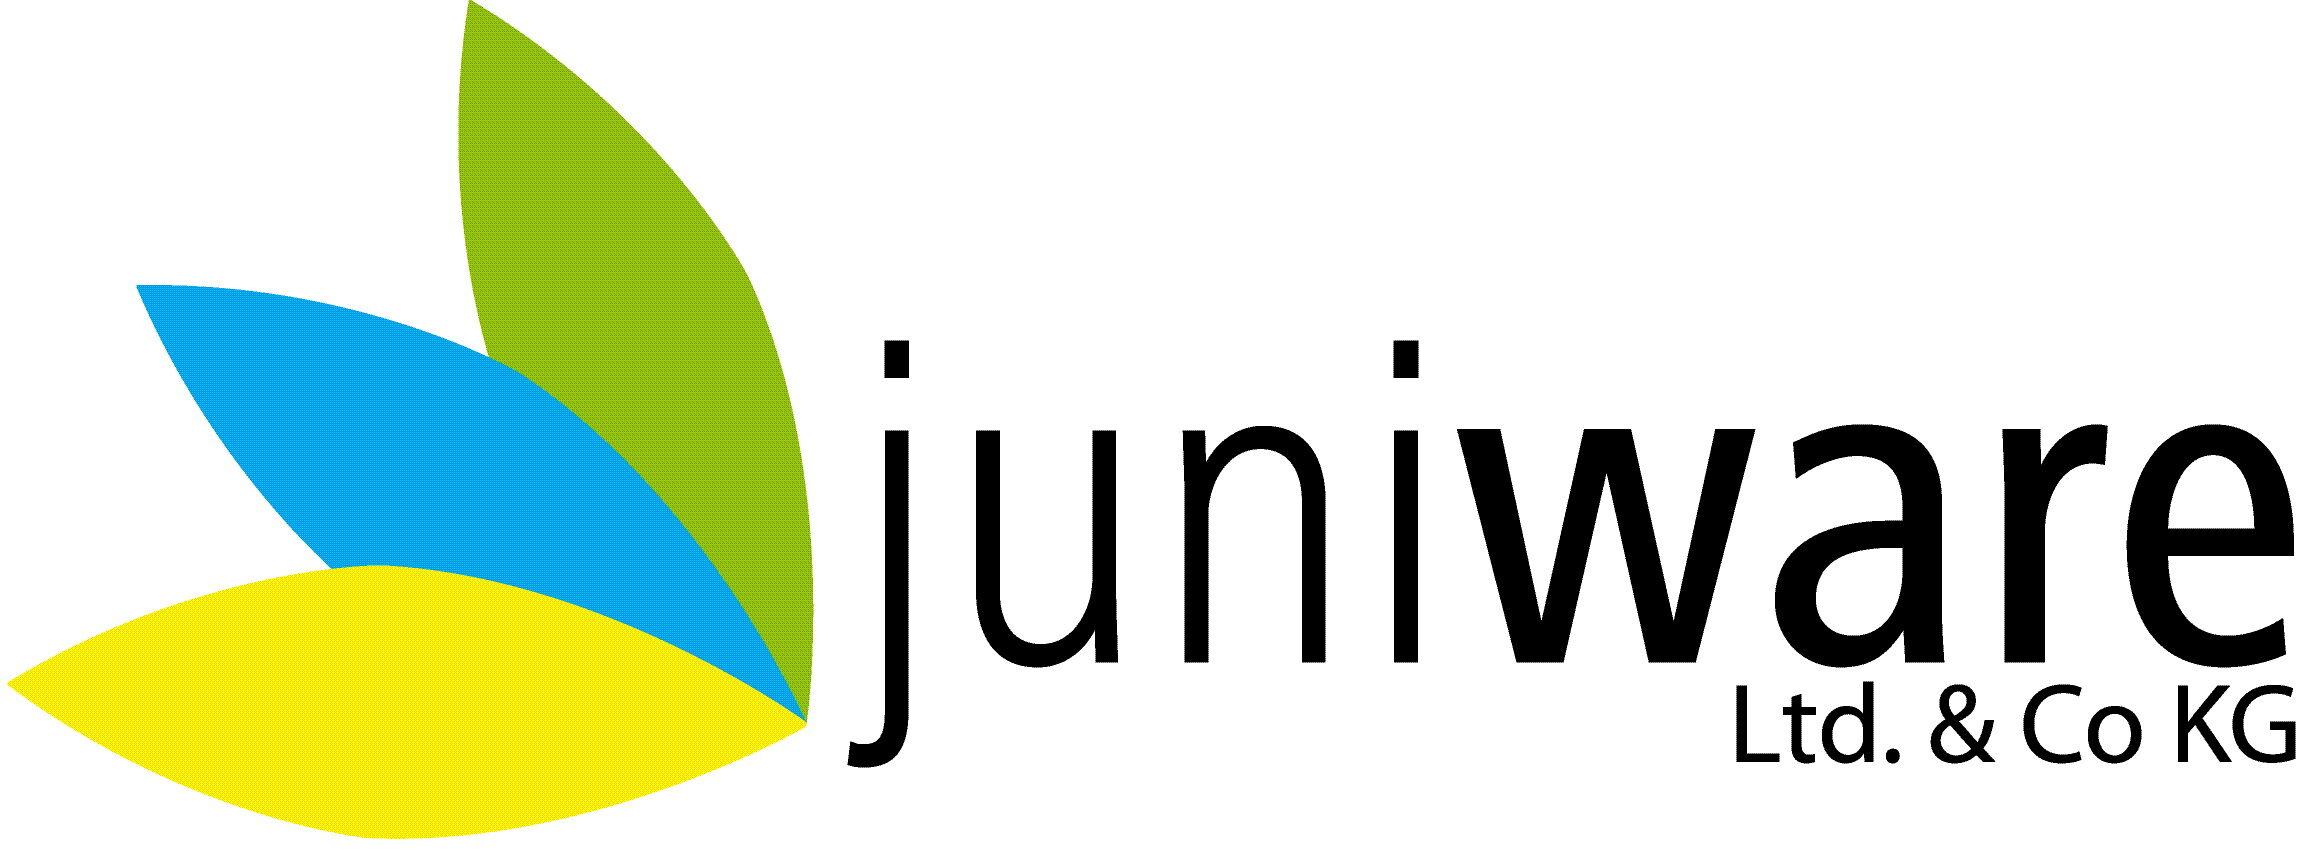 Herzlich willkommen bei Juniware Ltd & Co KG